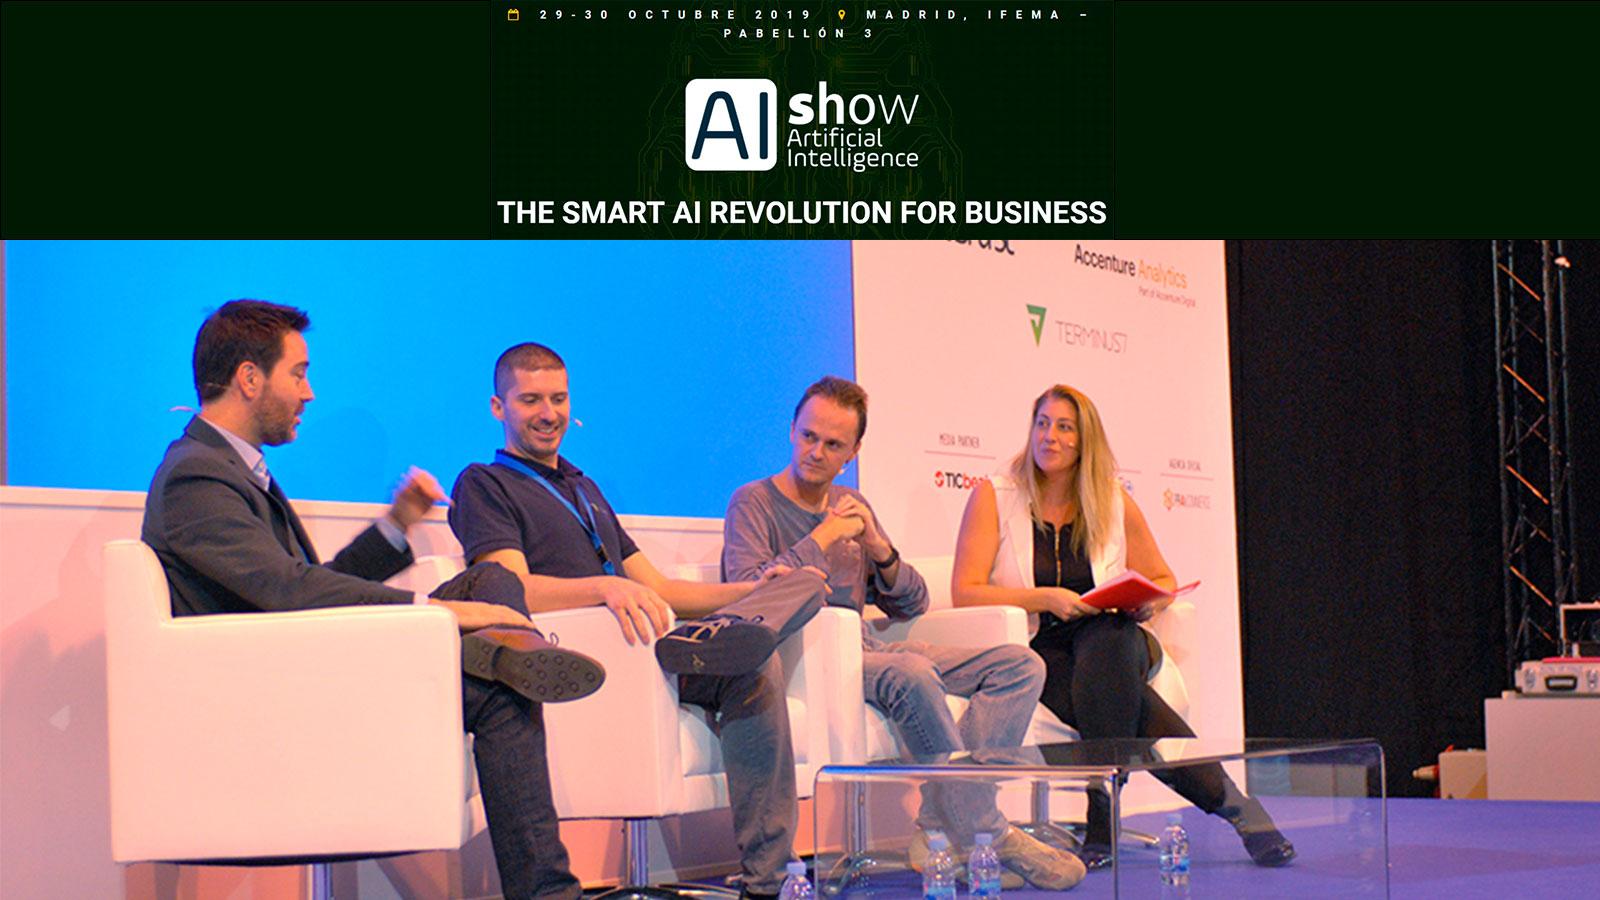 Ponencia sobre Inteligencia Artificial en evento AIshow